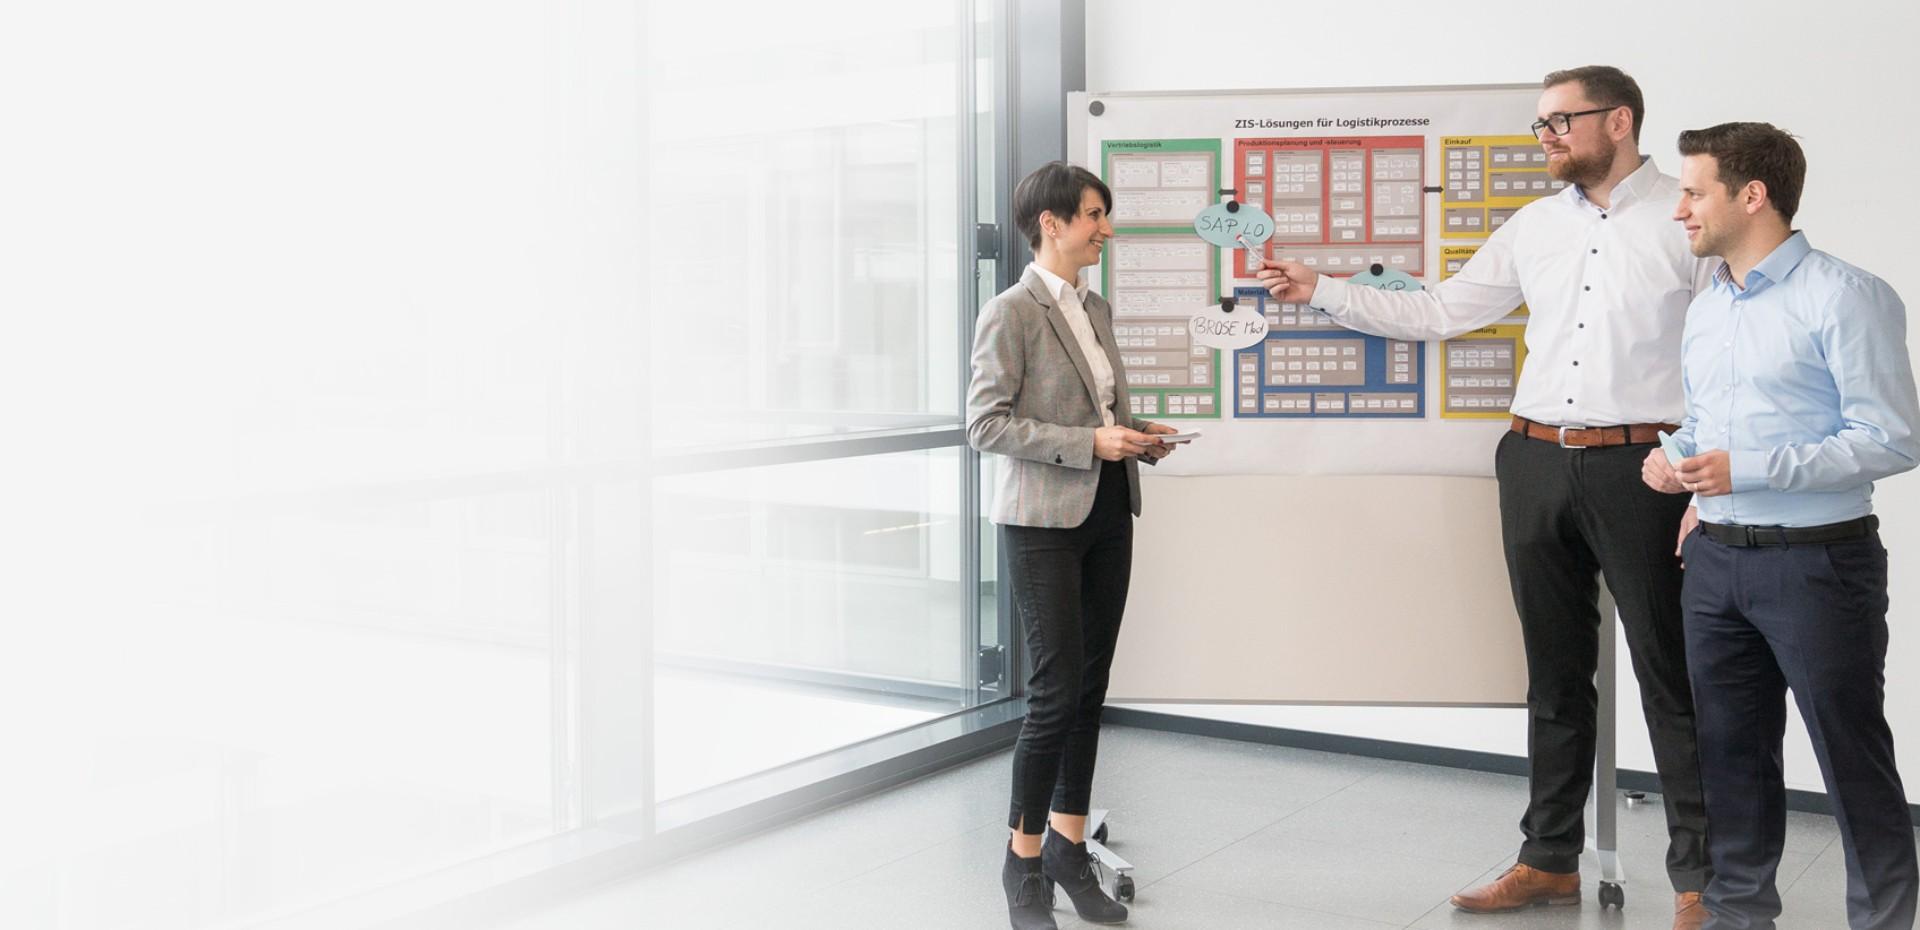 Brose IT Karriere, Fortschrittliche Arbeitswelt: Fachwissen und Persönlichkeit